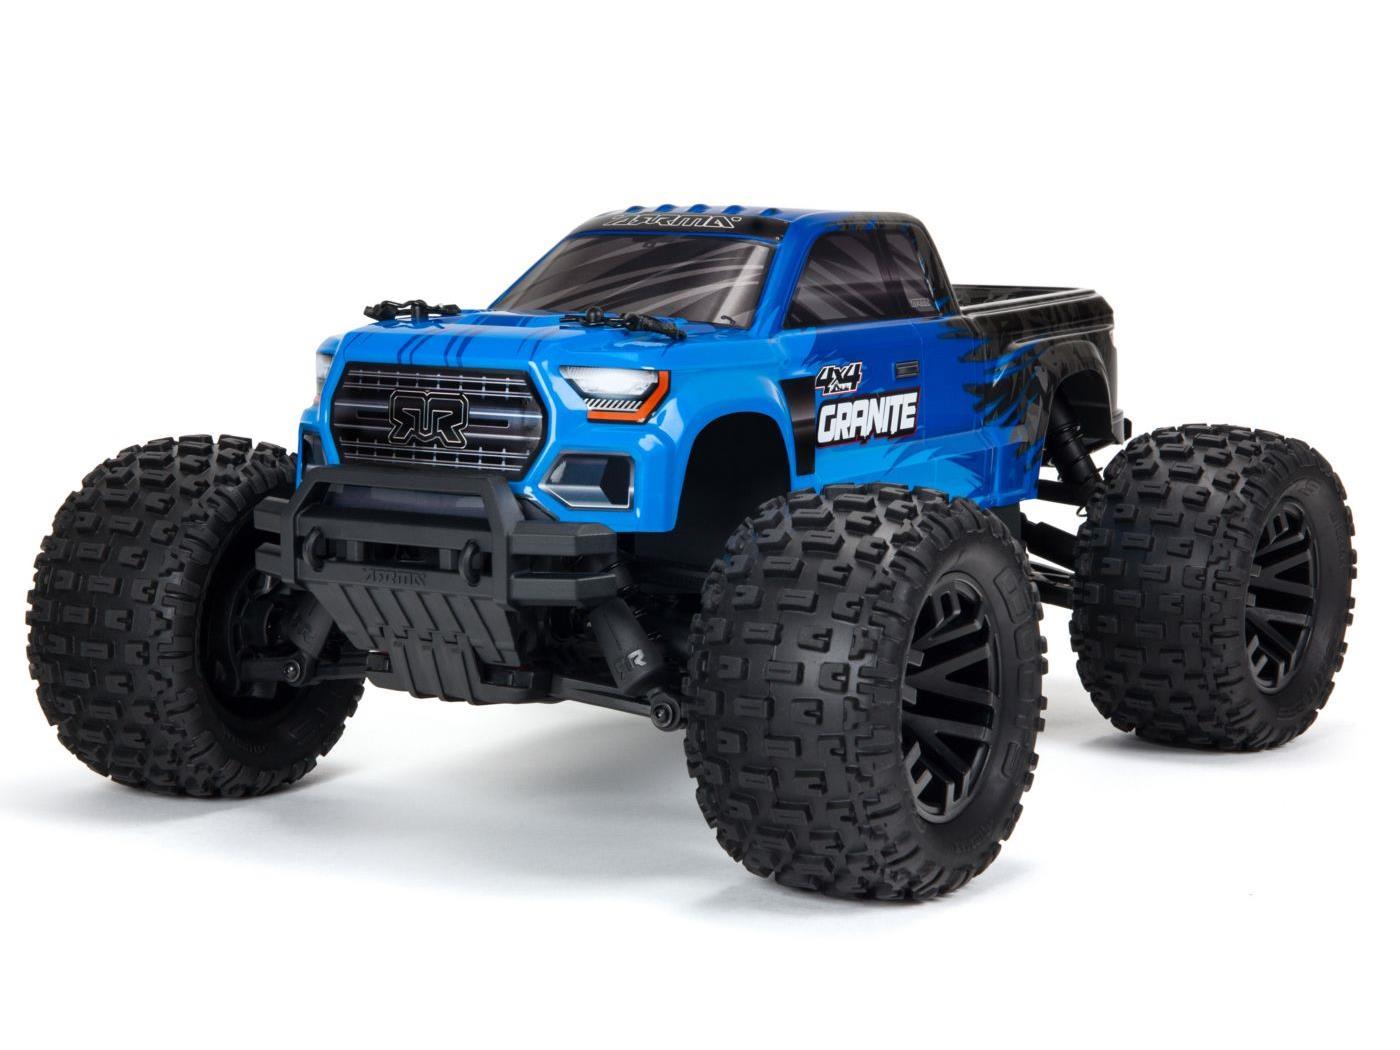 Arrma Granite 4X4 MEGA 550 SLT3 Monster Truck RTR Blue